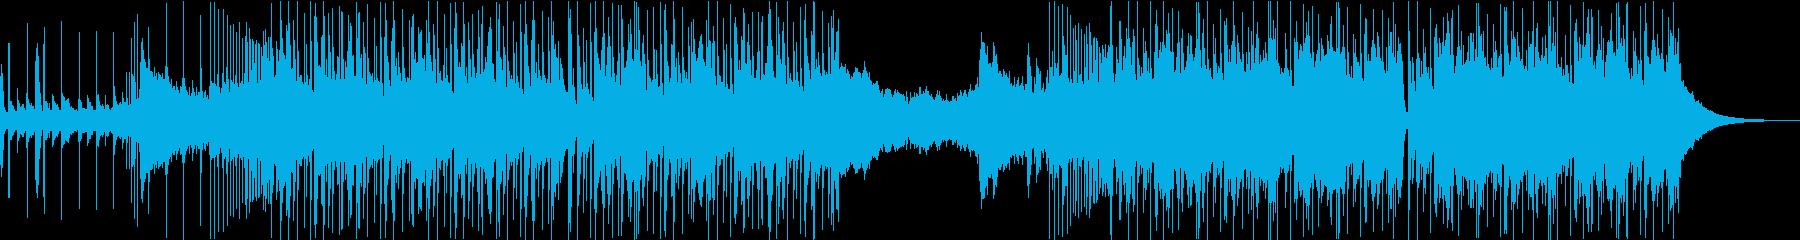 トラップ&バイオリンの再生済みの波形